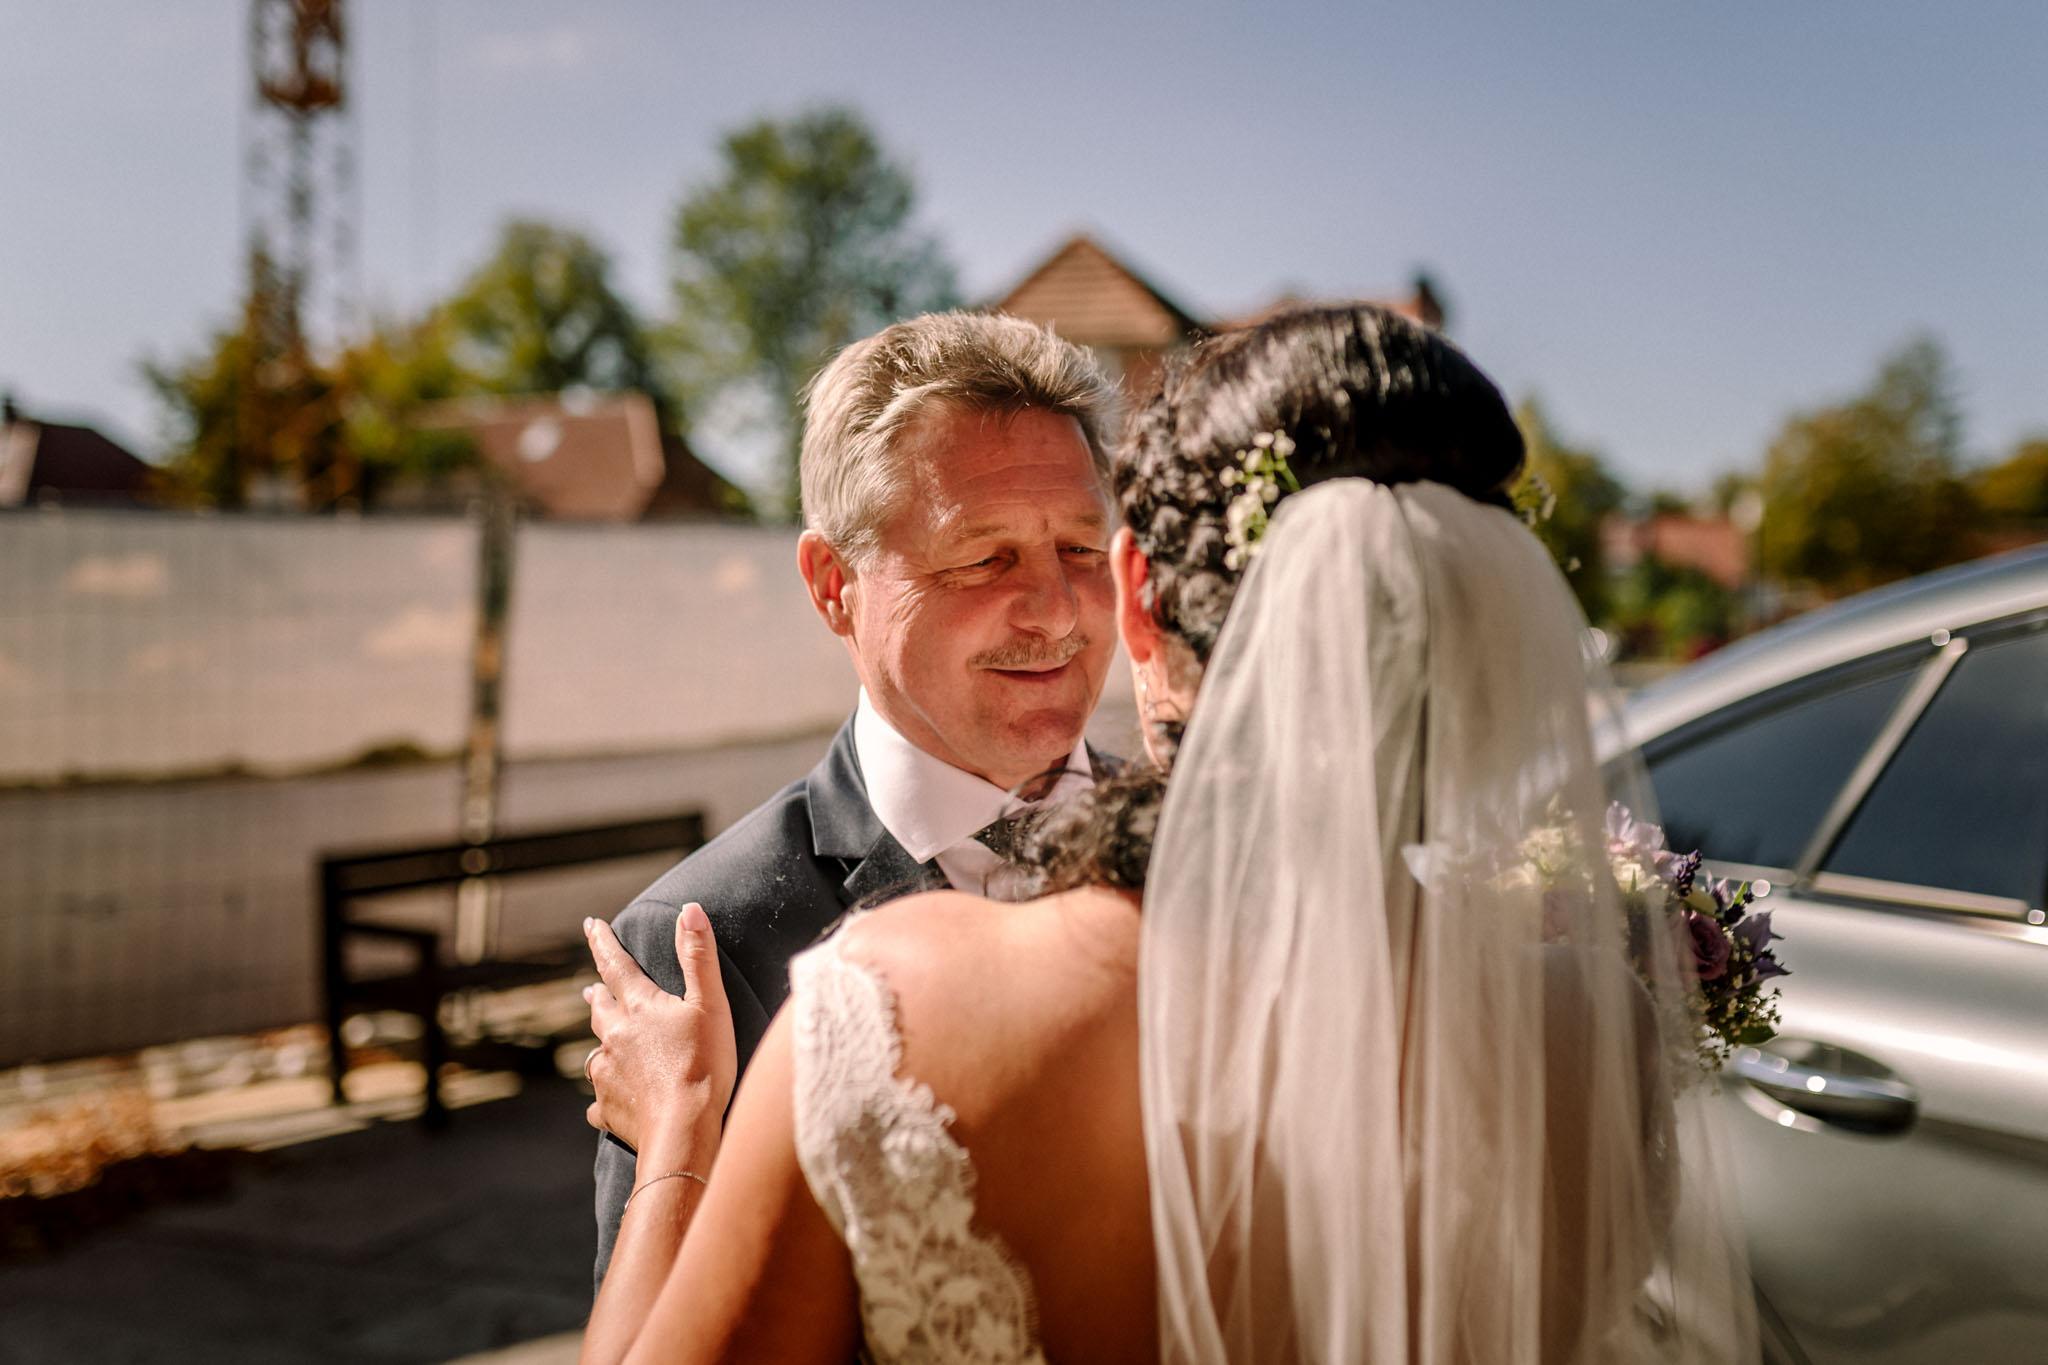 Hochzeitsfieber by Photo-Schomburg, Hochzeitsfotograf, Hamburg,Hochzeitstag, Hochzeitspaar, Braut, Bräutigam, Literaturhauscafe Zarrentin-16